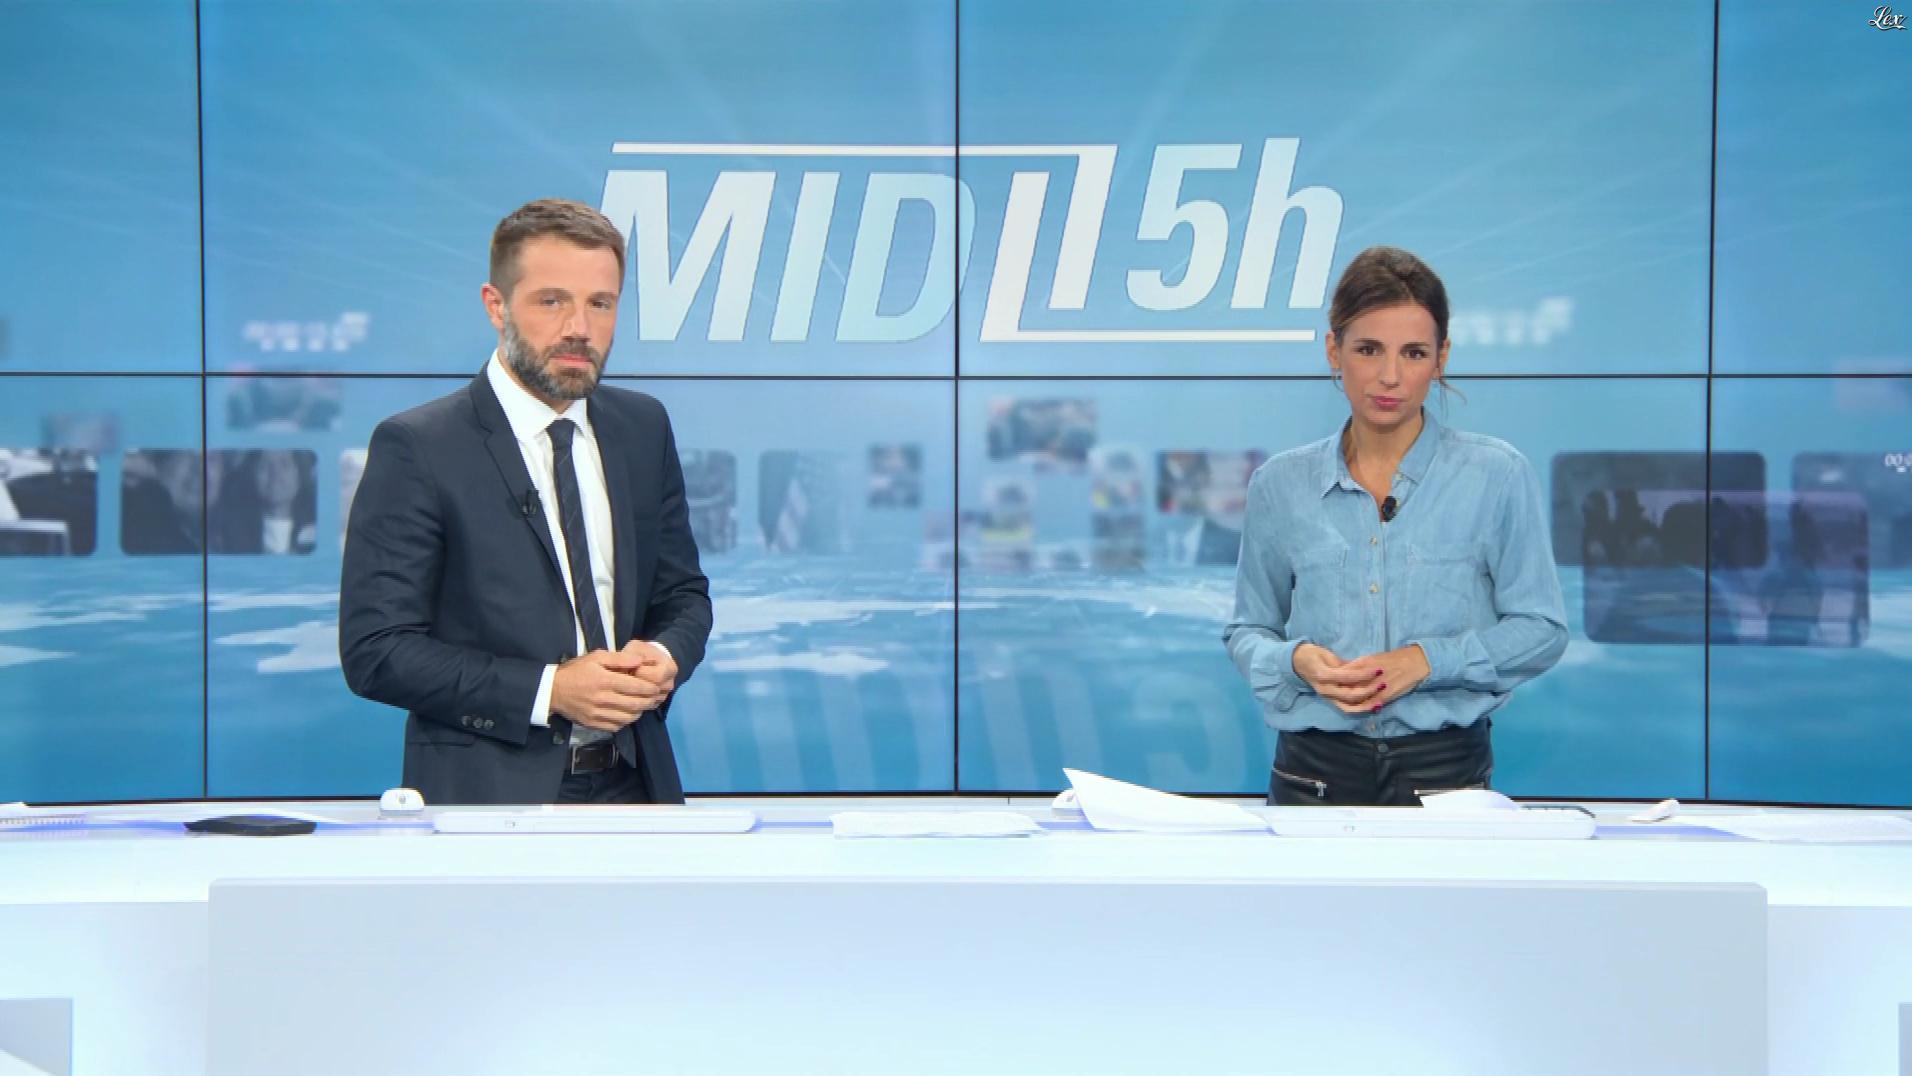 Alice Darfeuille dans le Midi-15h. Diffusé à la télévision le 03/10/19.